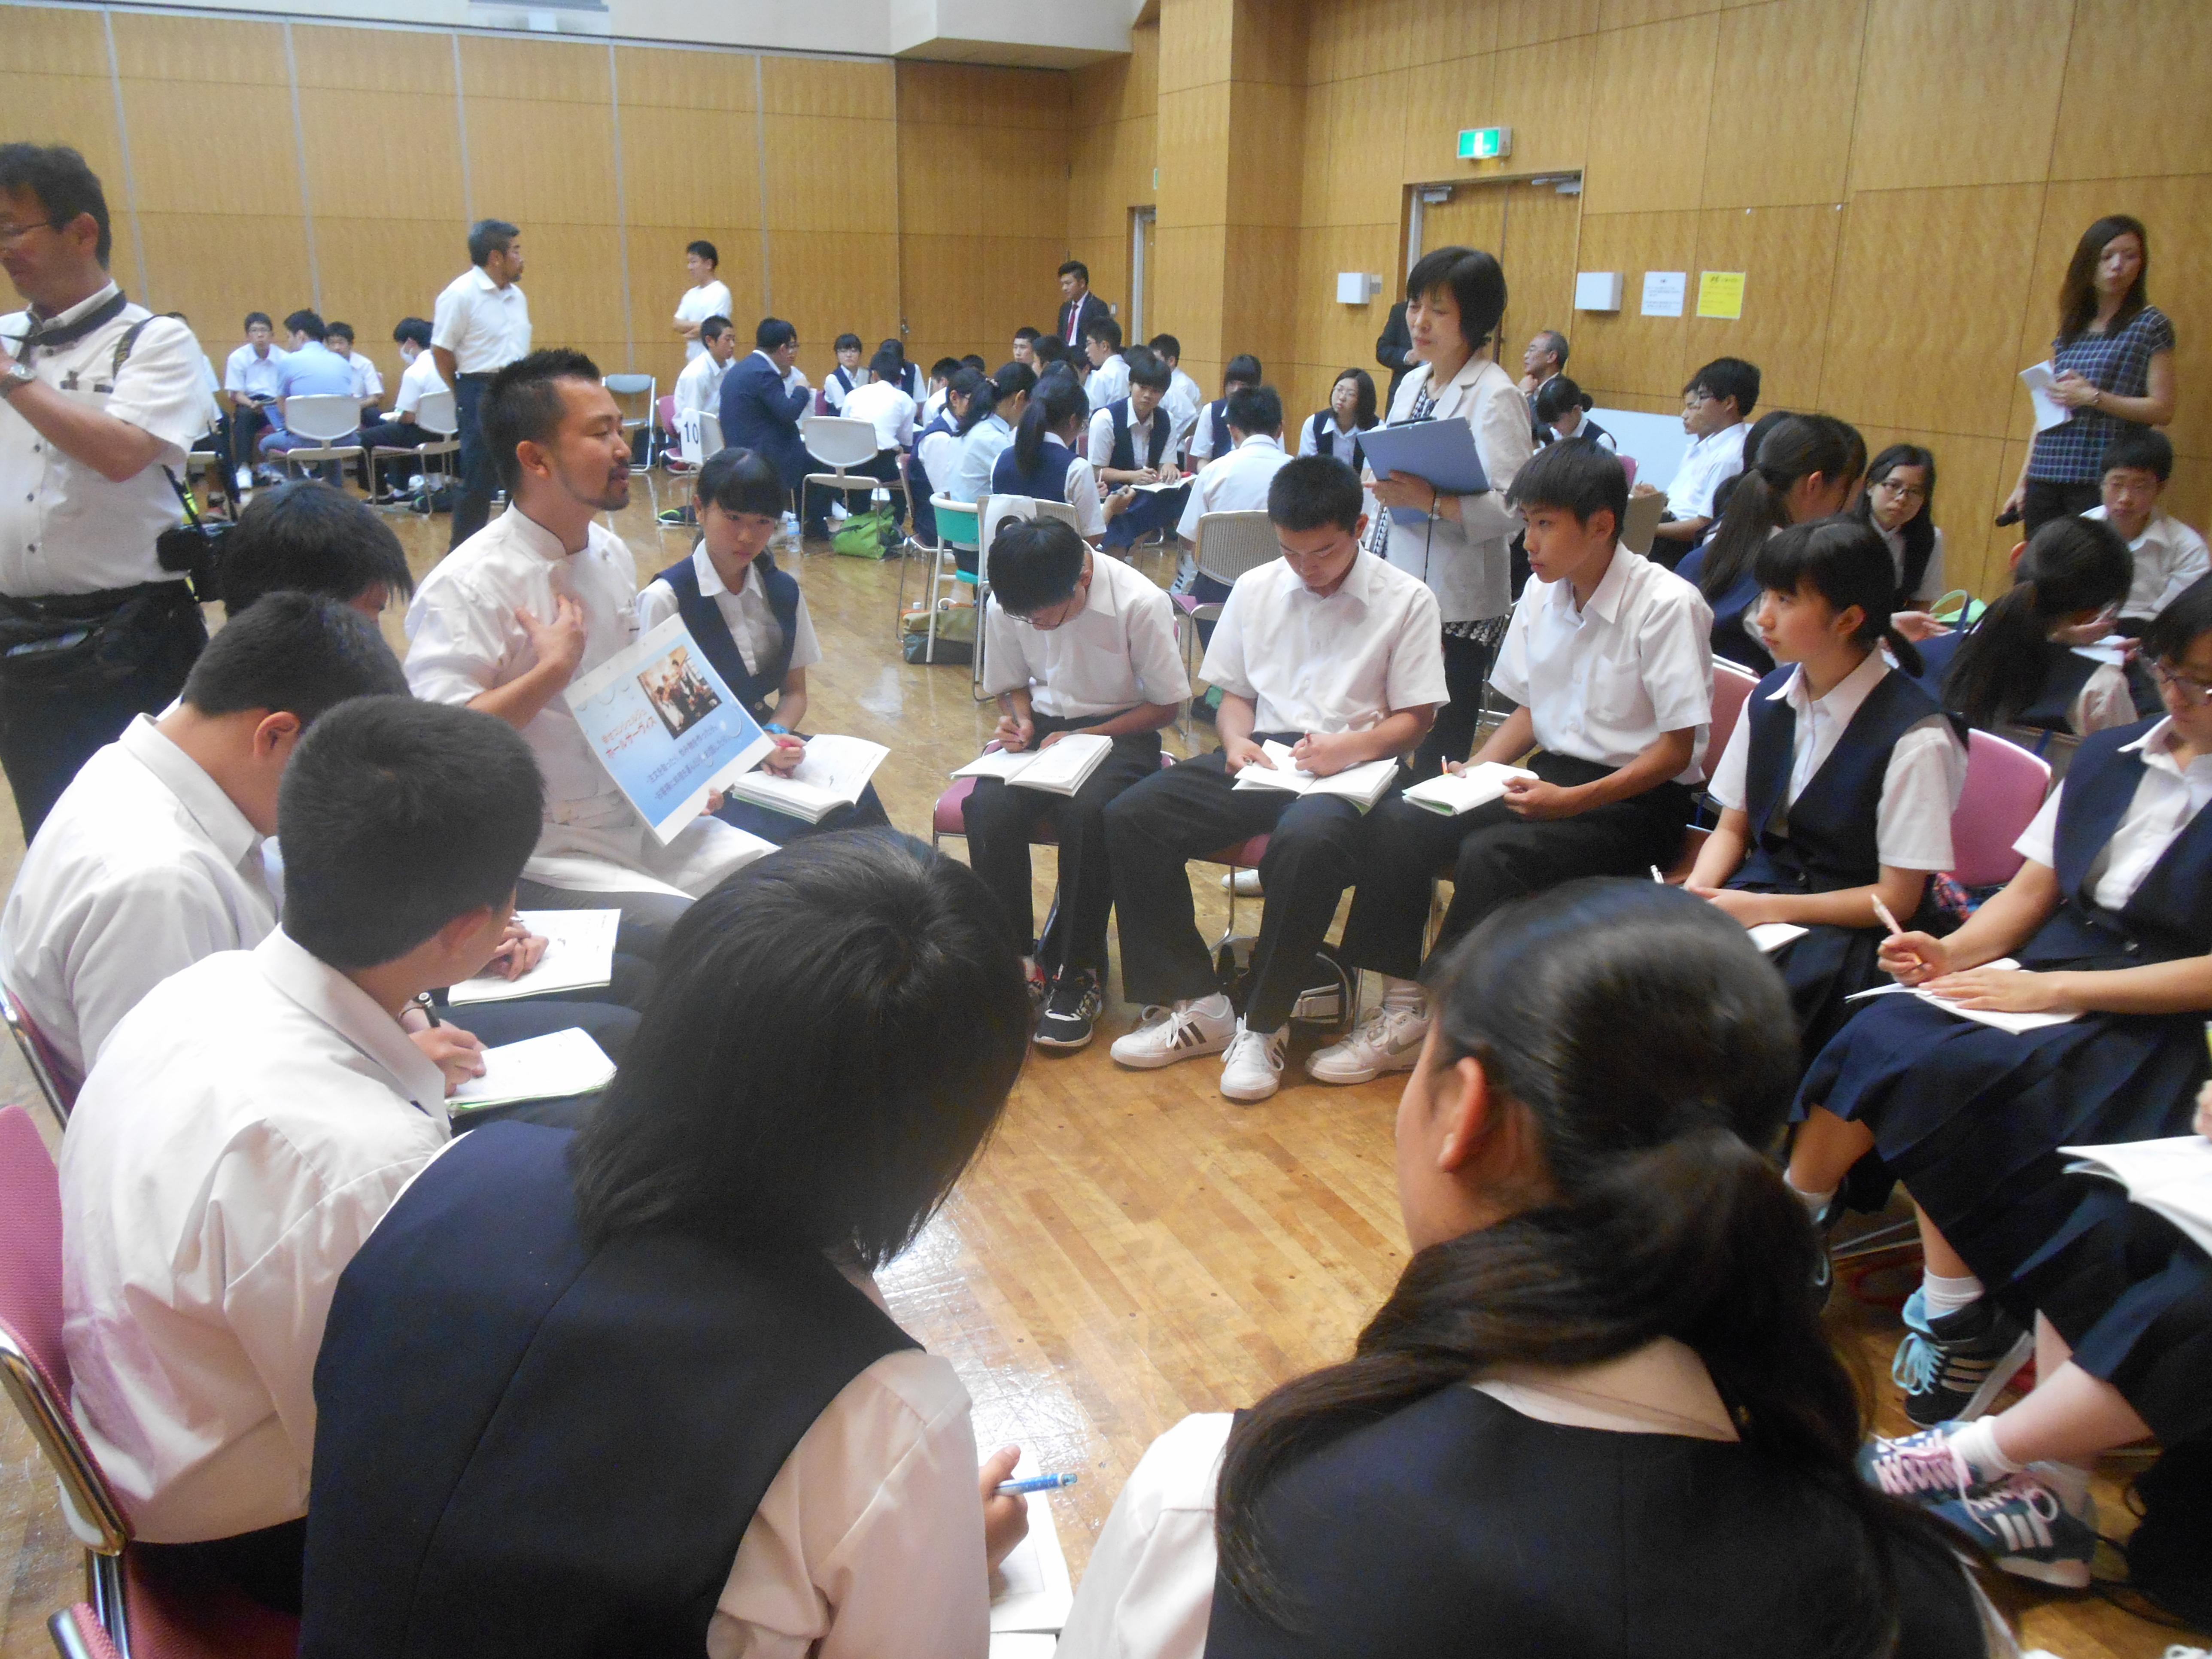 DSCN1799 - 2016年6月28日 青森市立甲田中学校アオスキフューチャーズゼミ開催